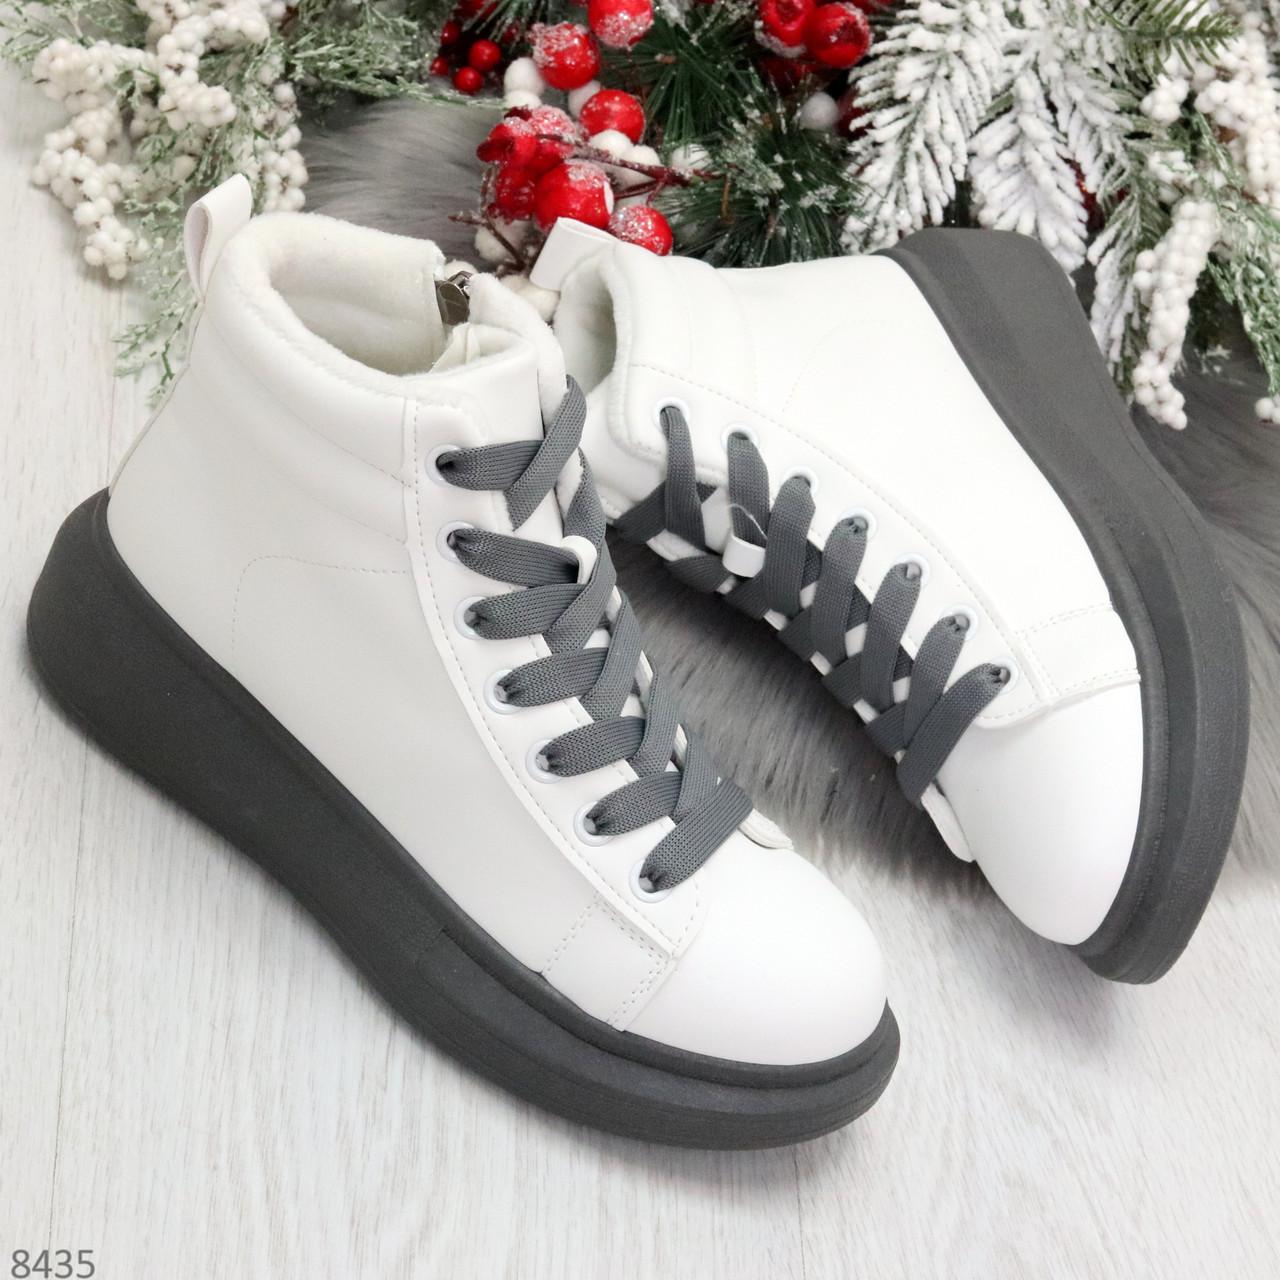 Крутые белые женские кроссовки кеды криперы на серой шнуровке